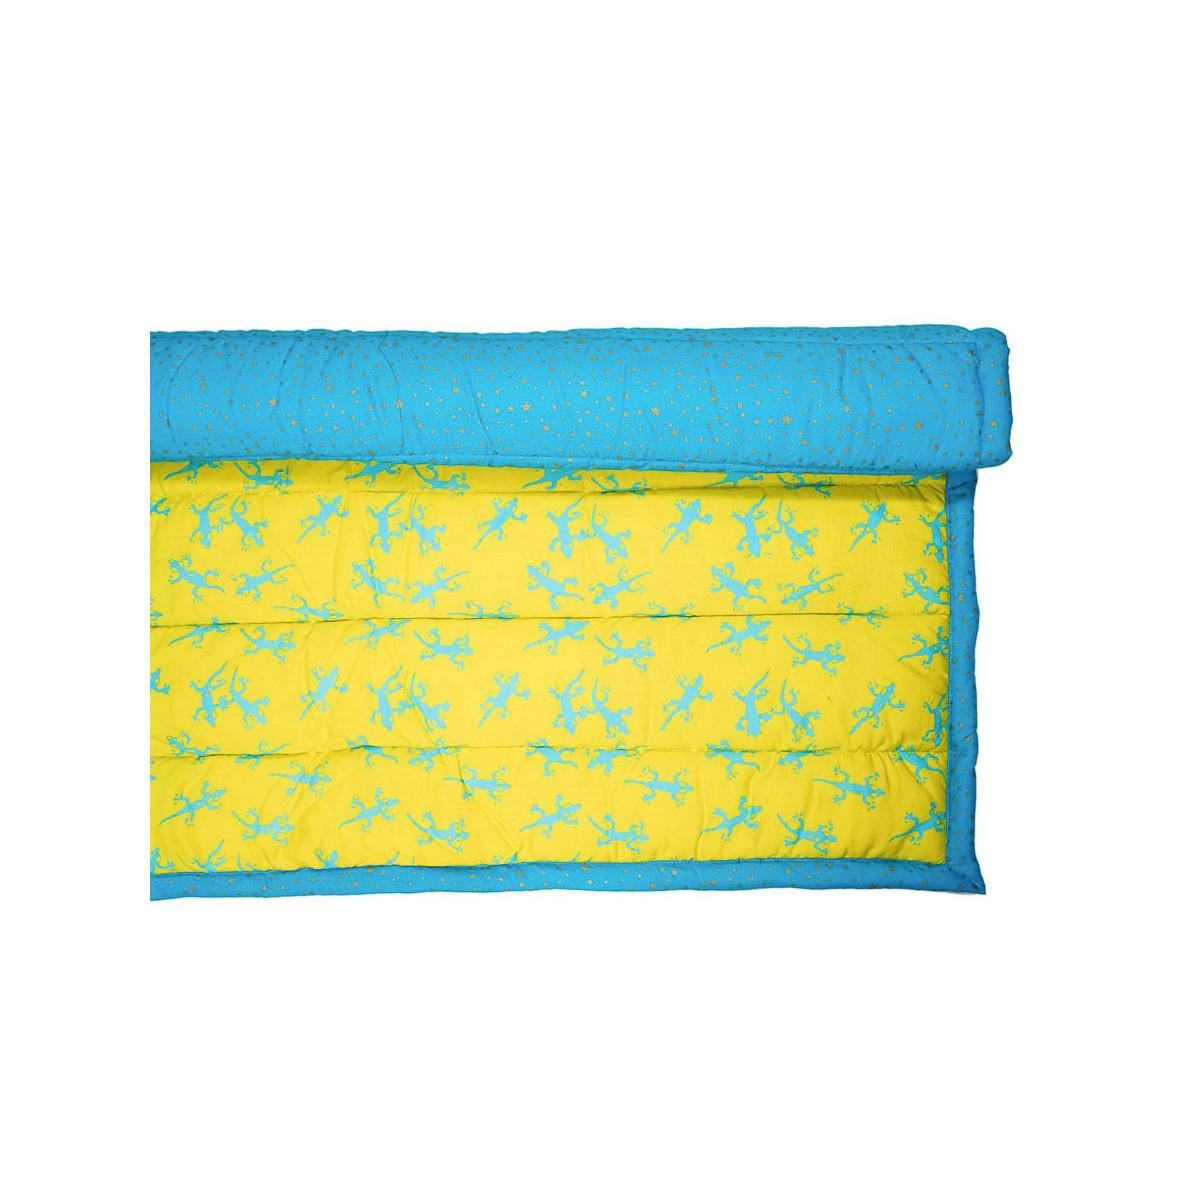 Tapis d'éveil, de jeux bébé coton bleu turquoise geckos